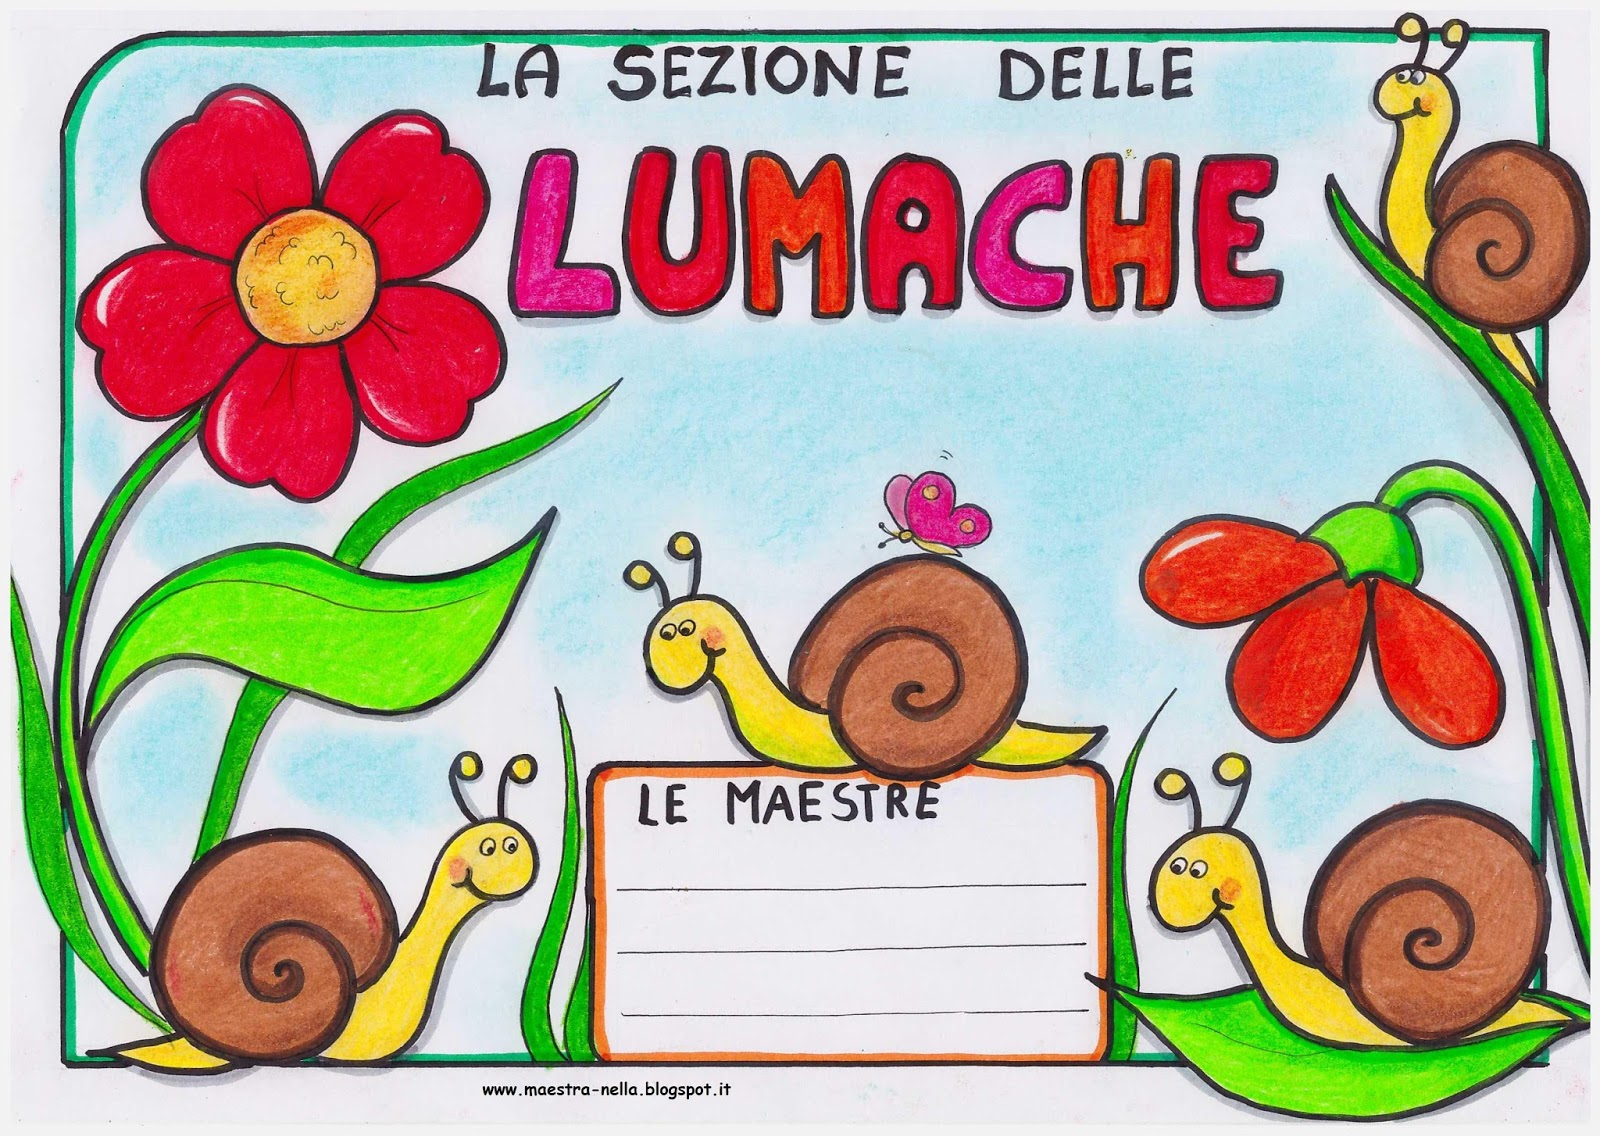 Maestra nella sezione delle libellule delle lumache for Cartelli per la porta dell aula da stampare